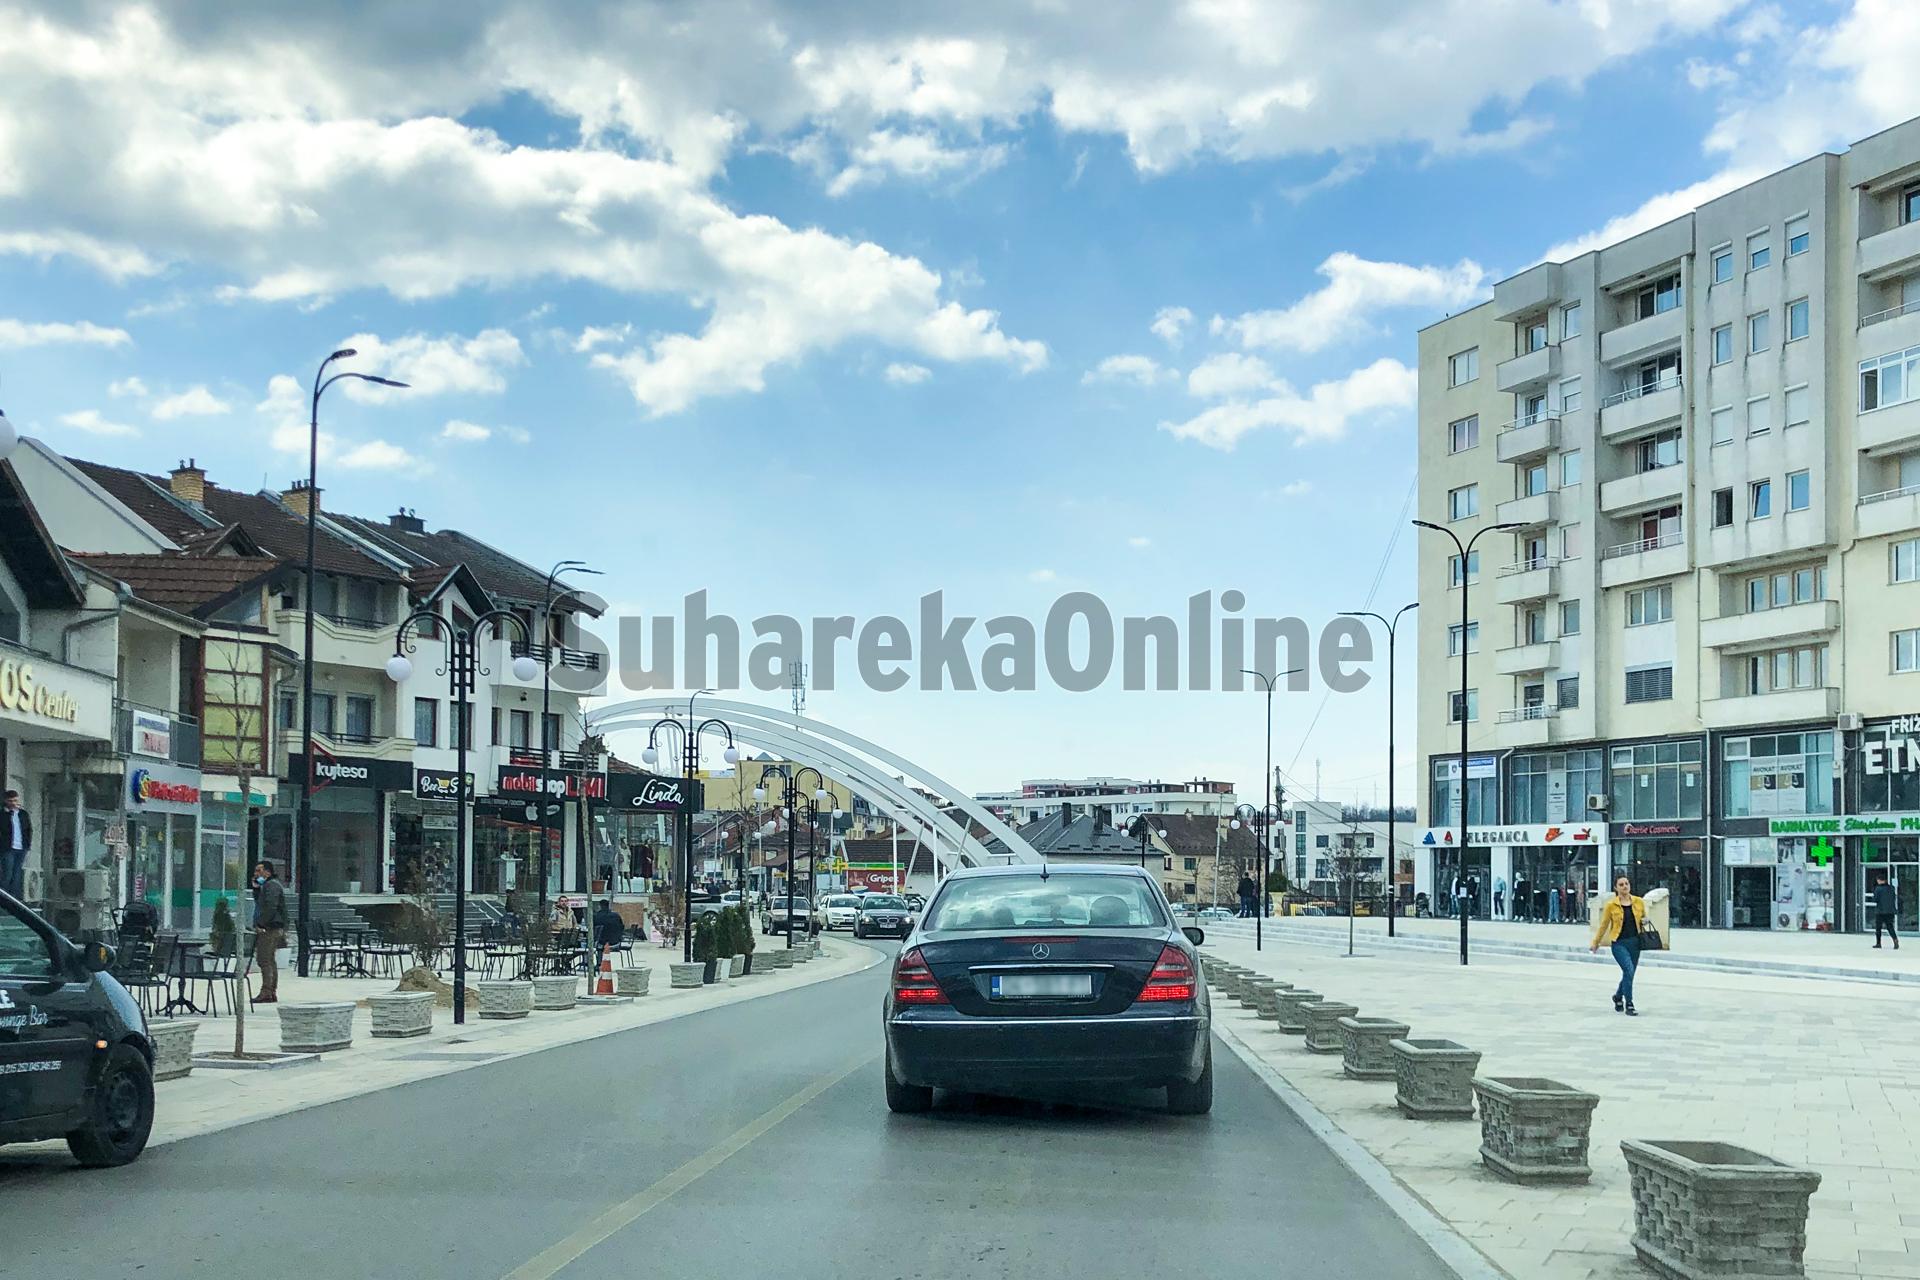 16 raste aktive me COVID-19 në Suharekë, 1.652 në tërë Kosovën